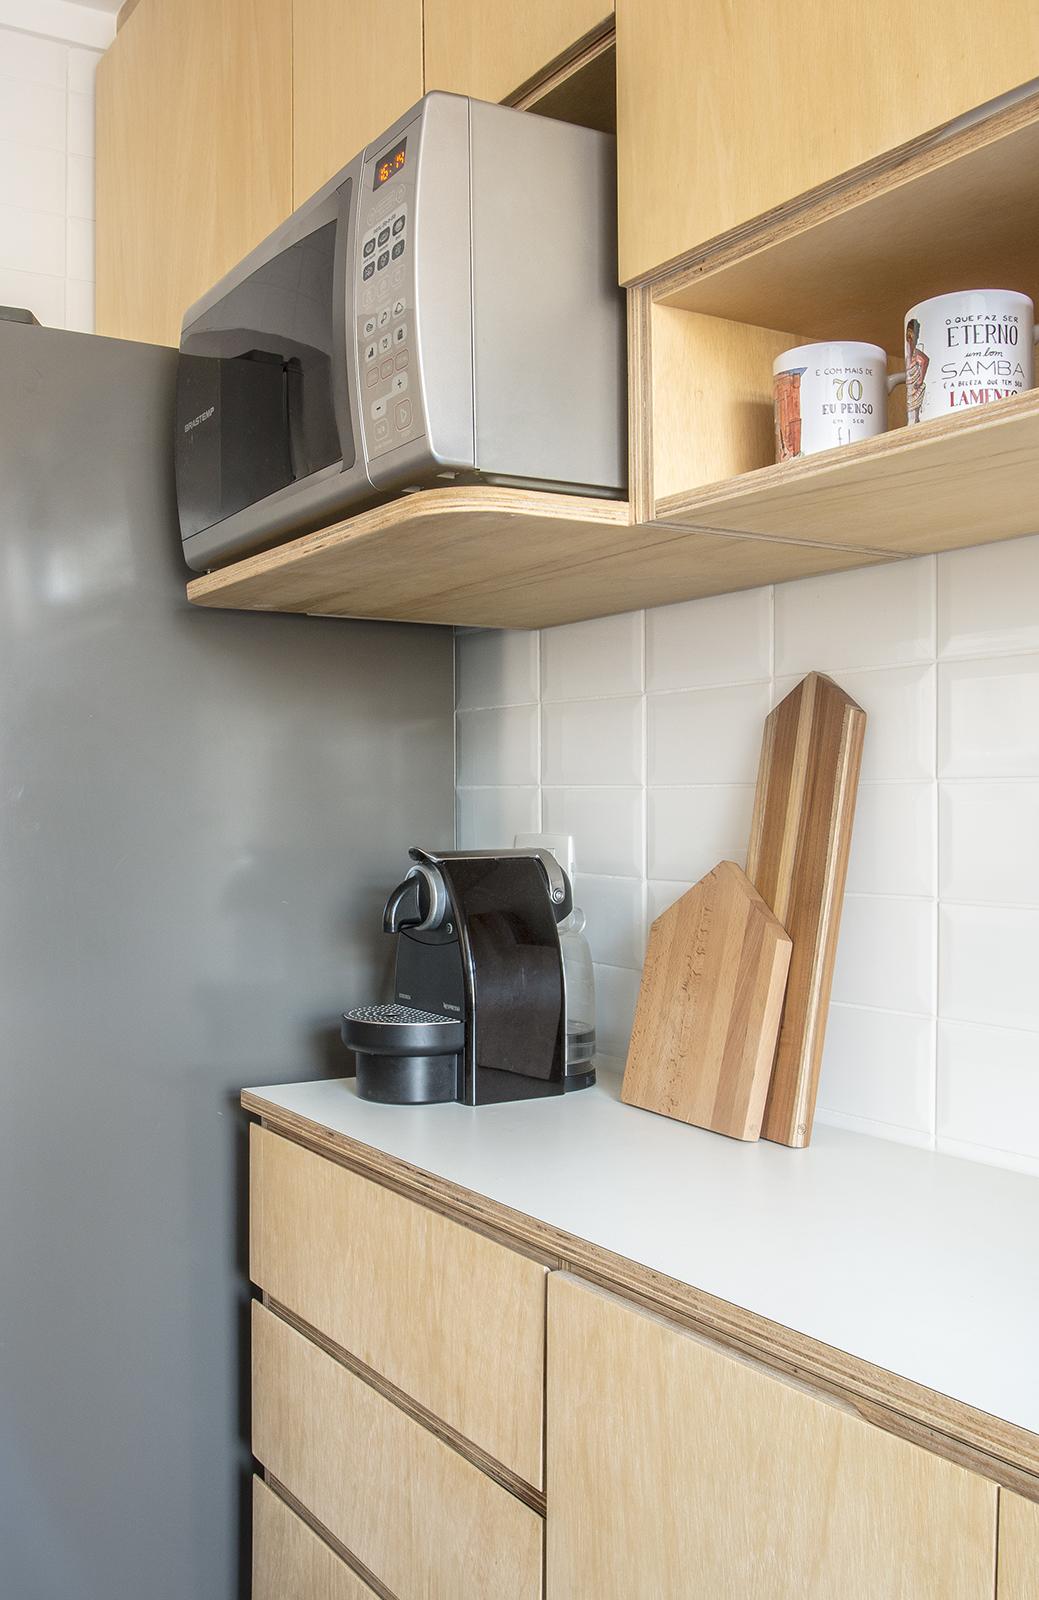 sm-Pintassilgo-Cozinha-03.jpg